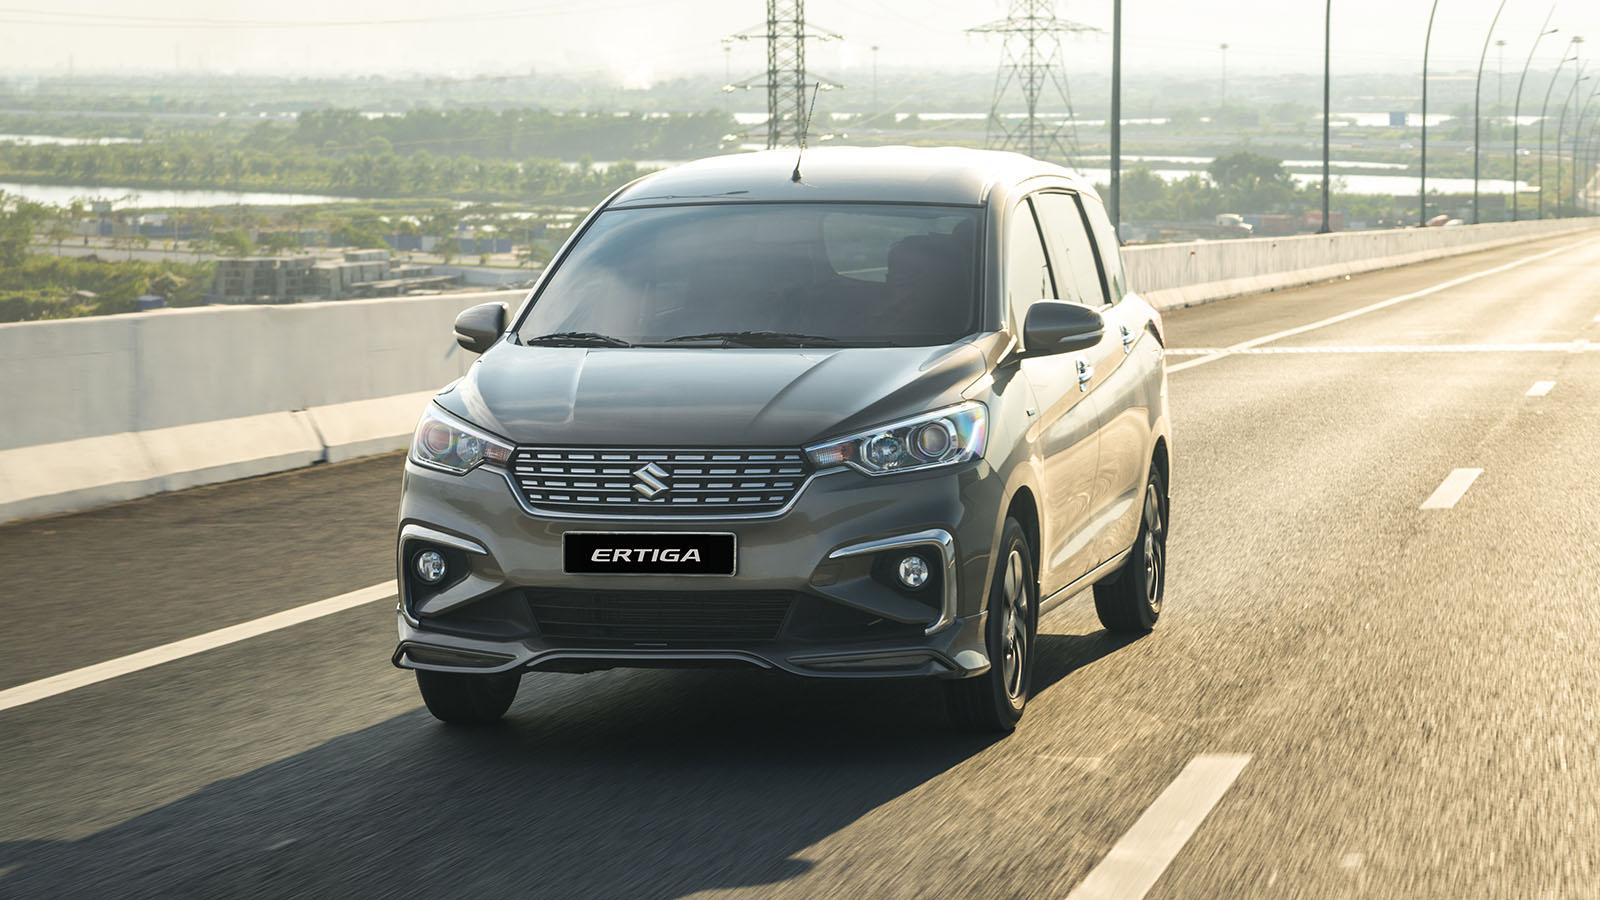 Chốt hạ 2020 với doanh số lập đỉnh, Suzuki phát lộc ưu đãi mừng năm mới -4